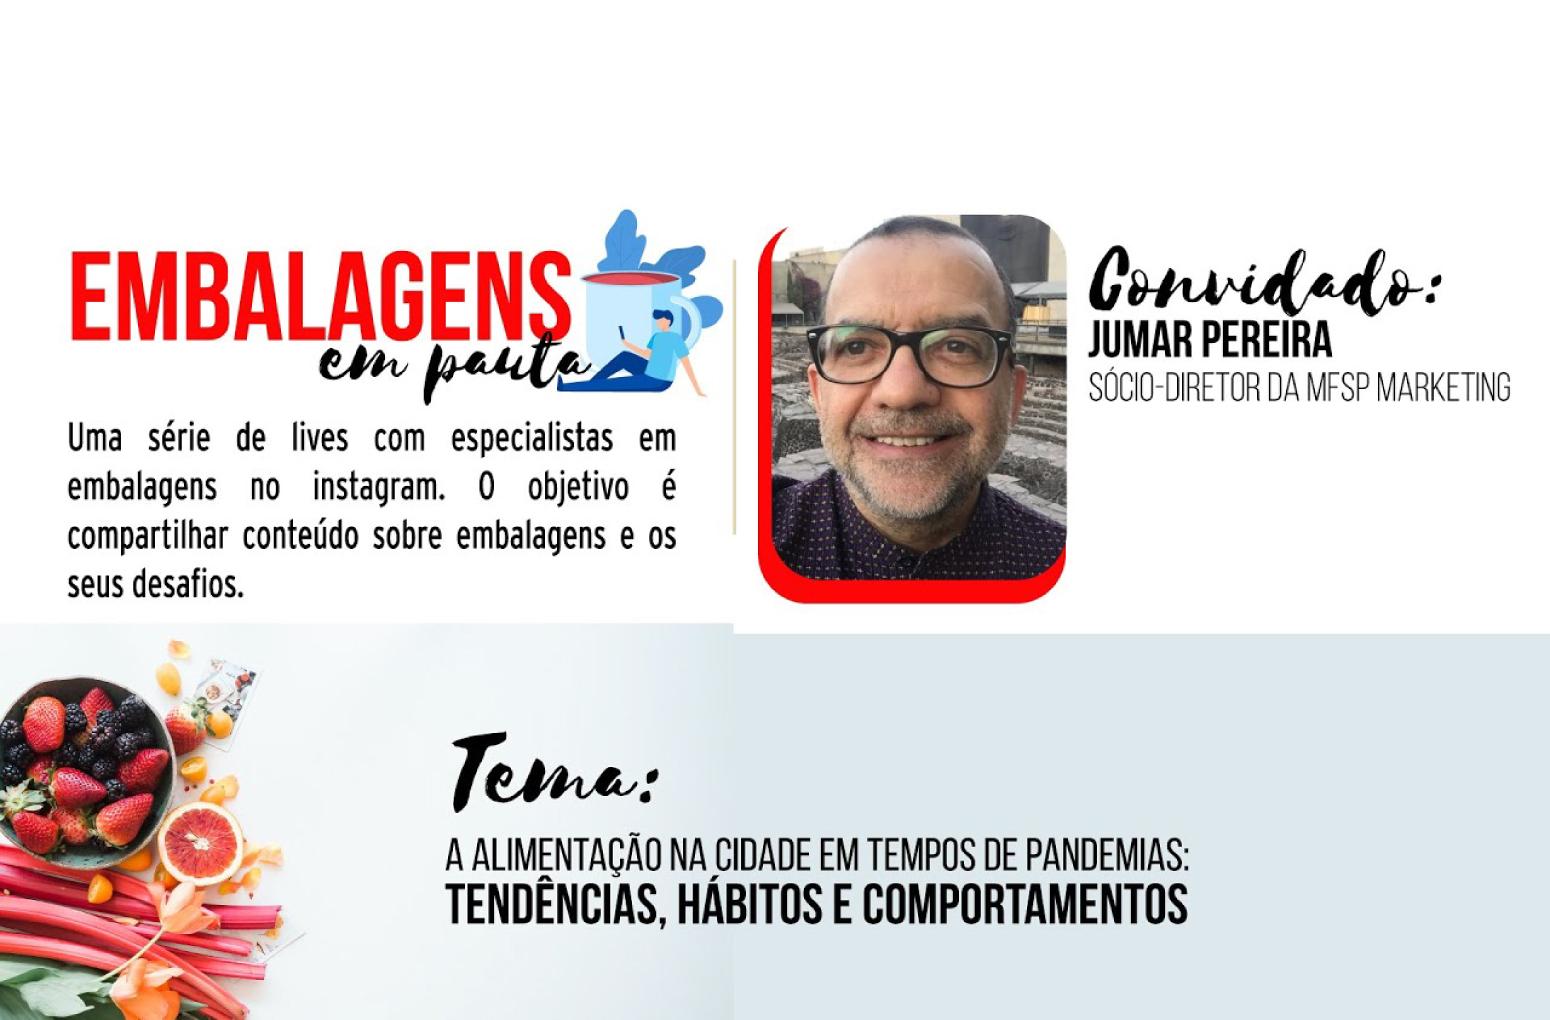 Jumar-Pereira